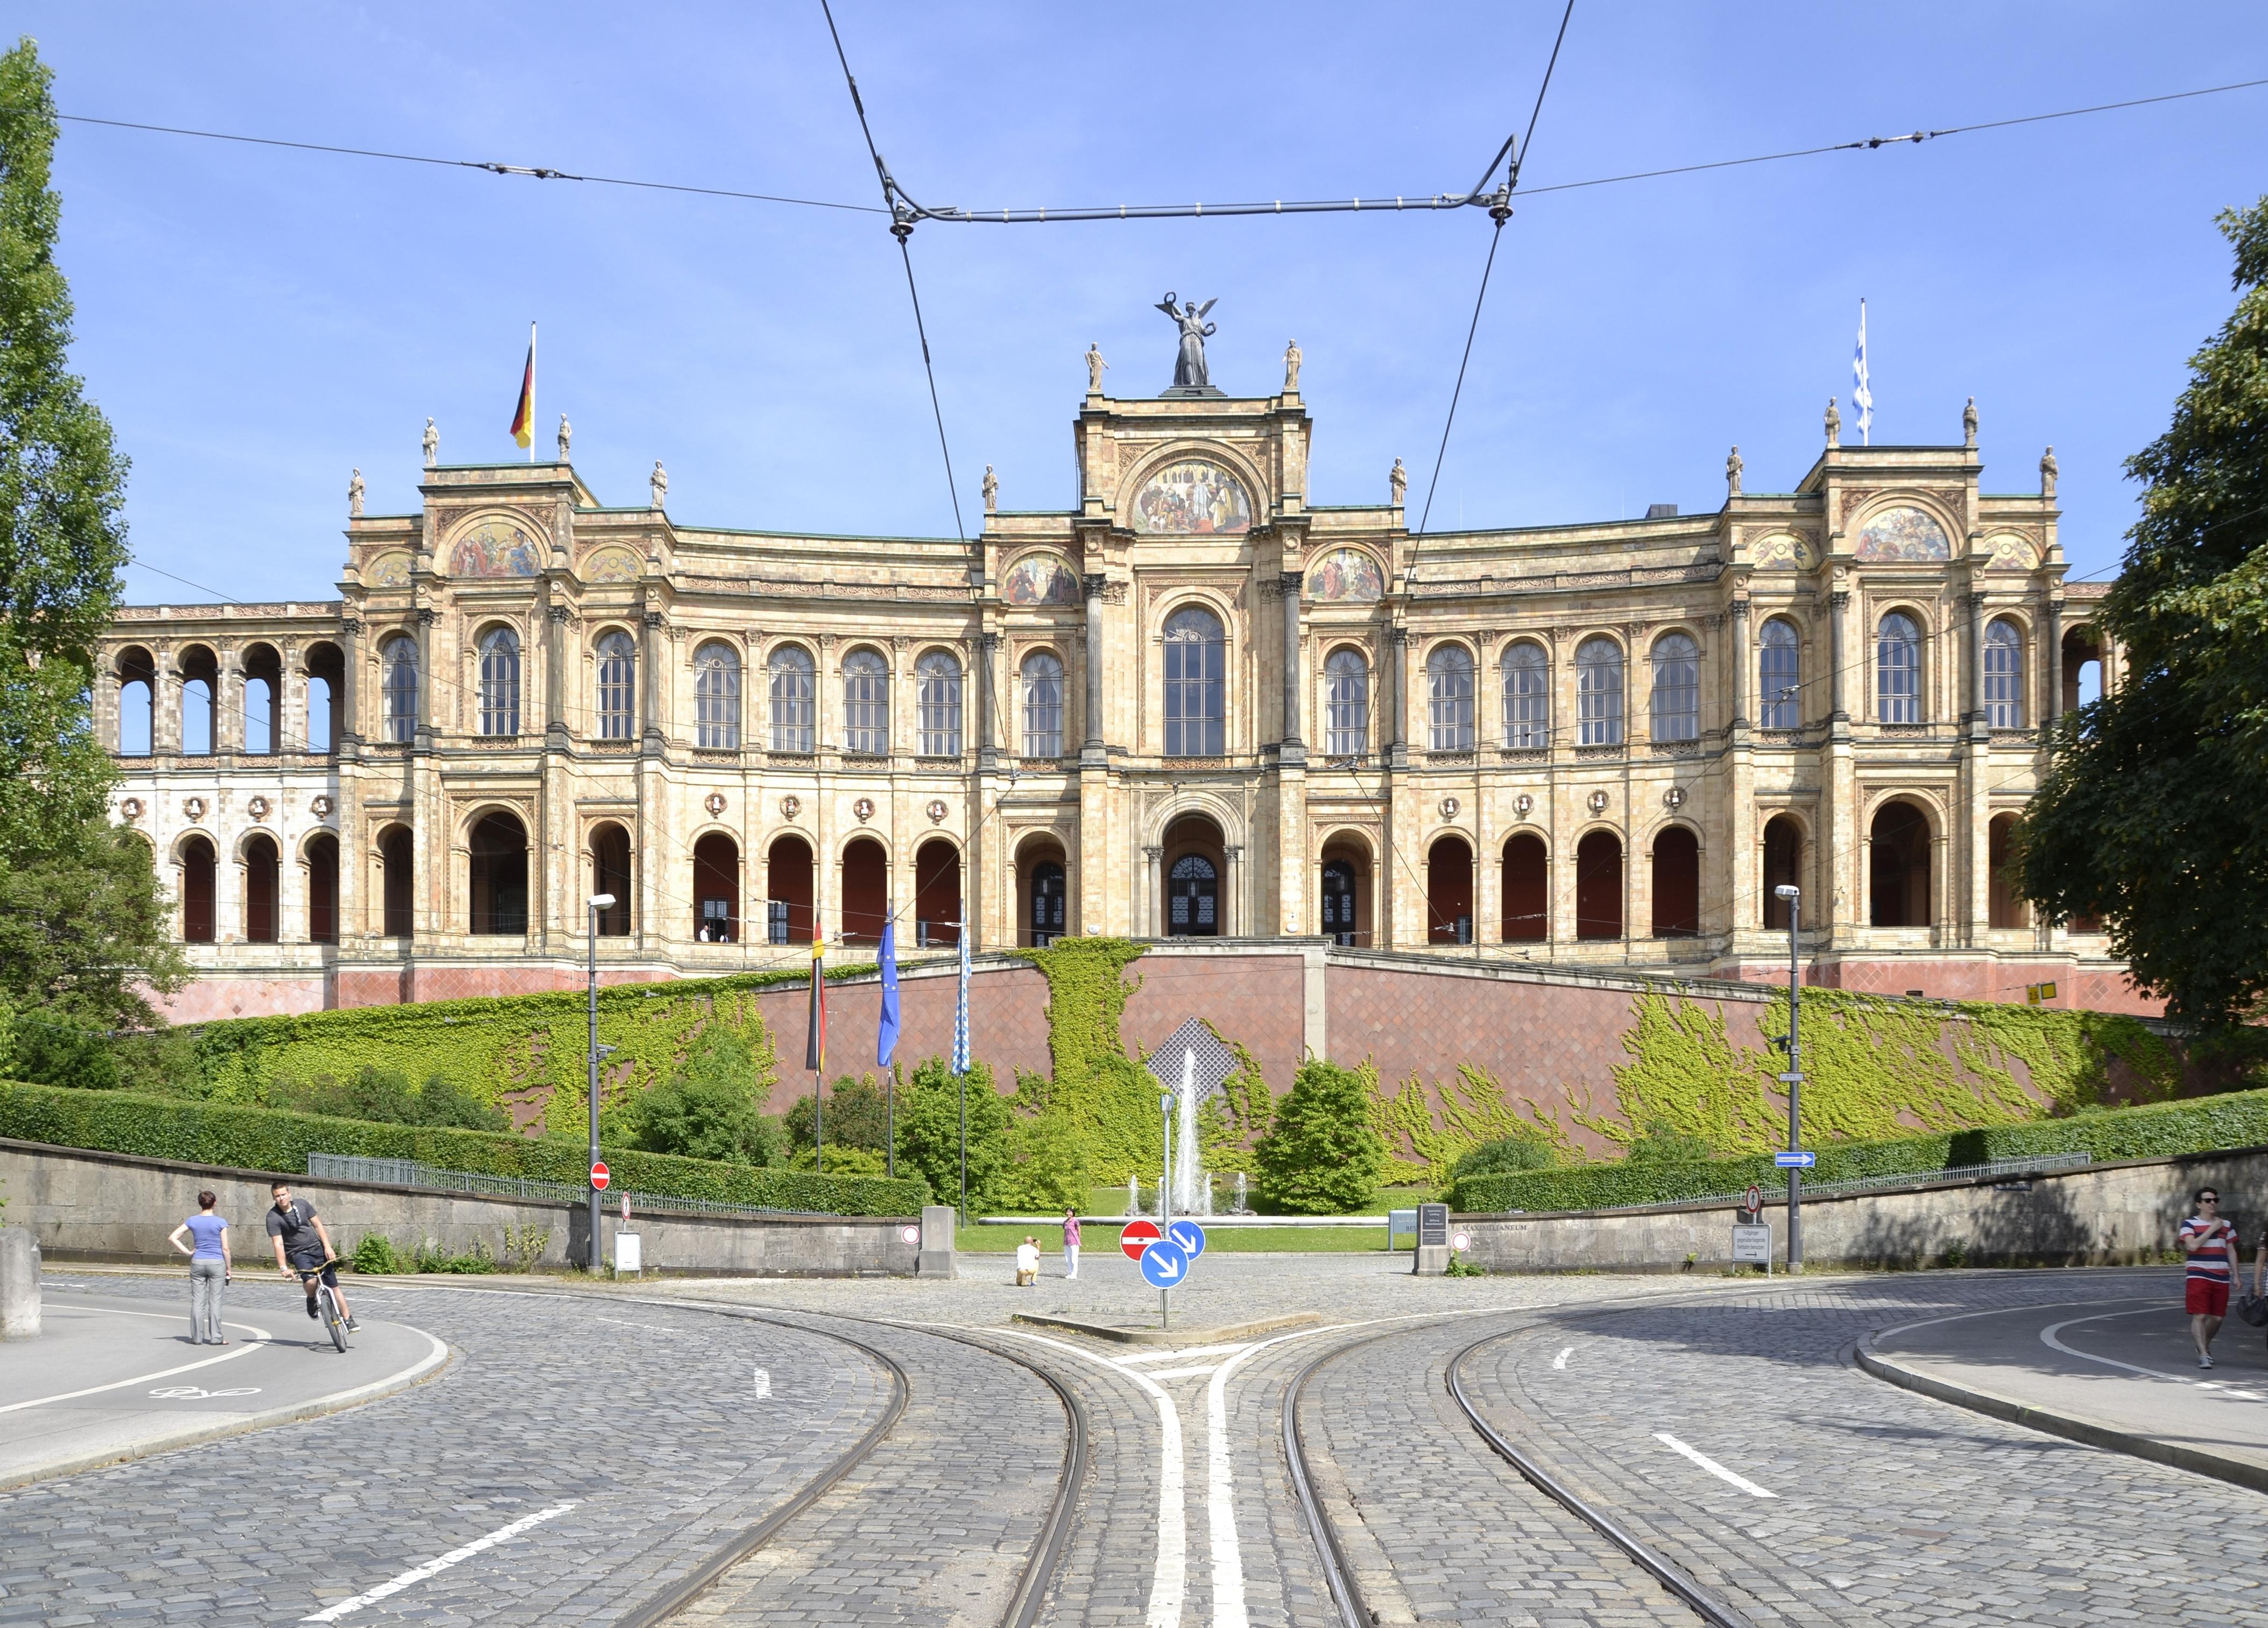 Maximilianeum in Munich struck me 9